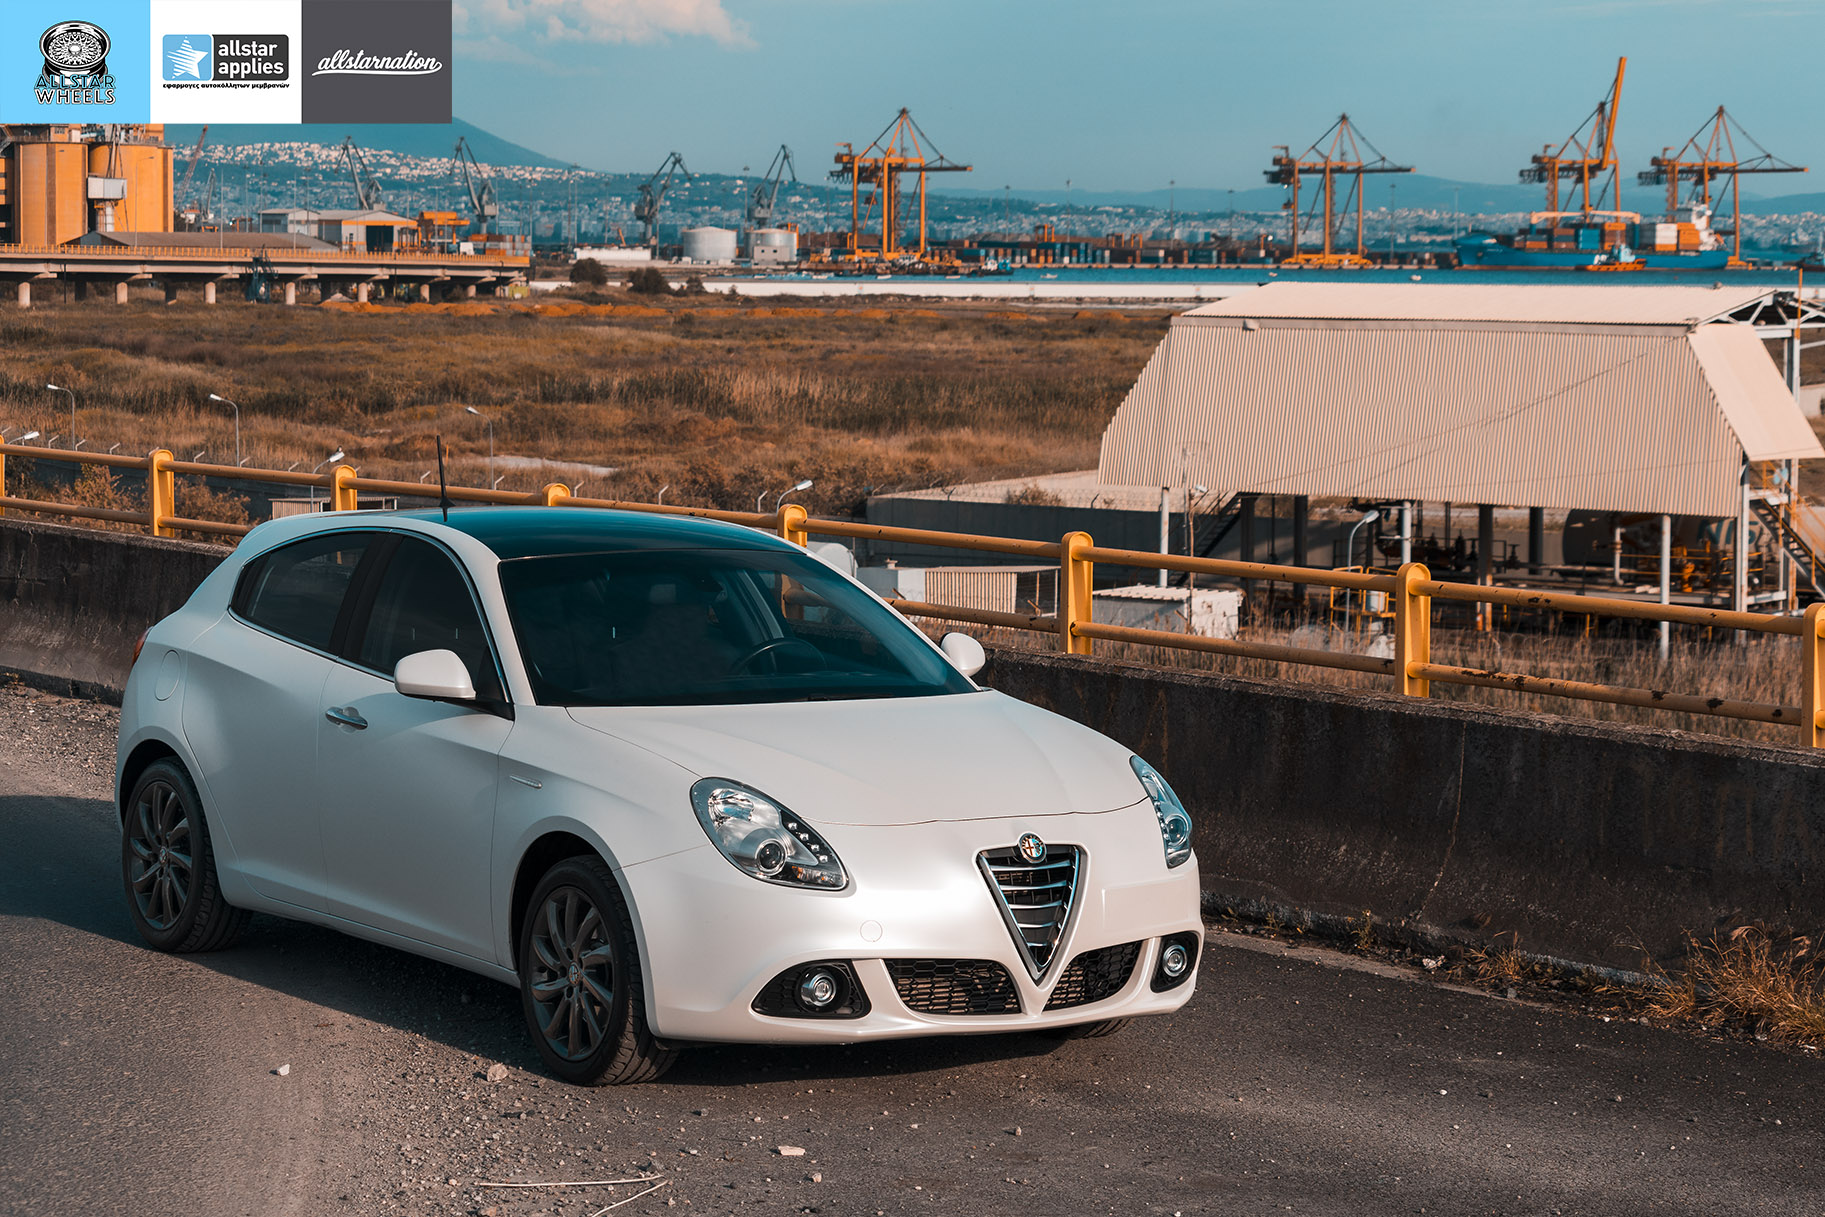 Αλλαγής Χρώματος με Αυτοκόλλητο Alfa Romeo Giulietta Matt Diamond White | Allstar Applies στη Θεσσαλονίκη